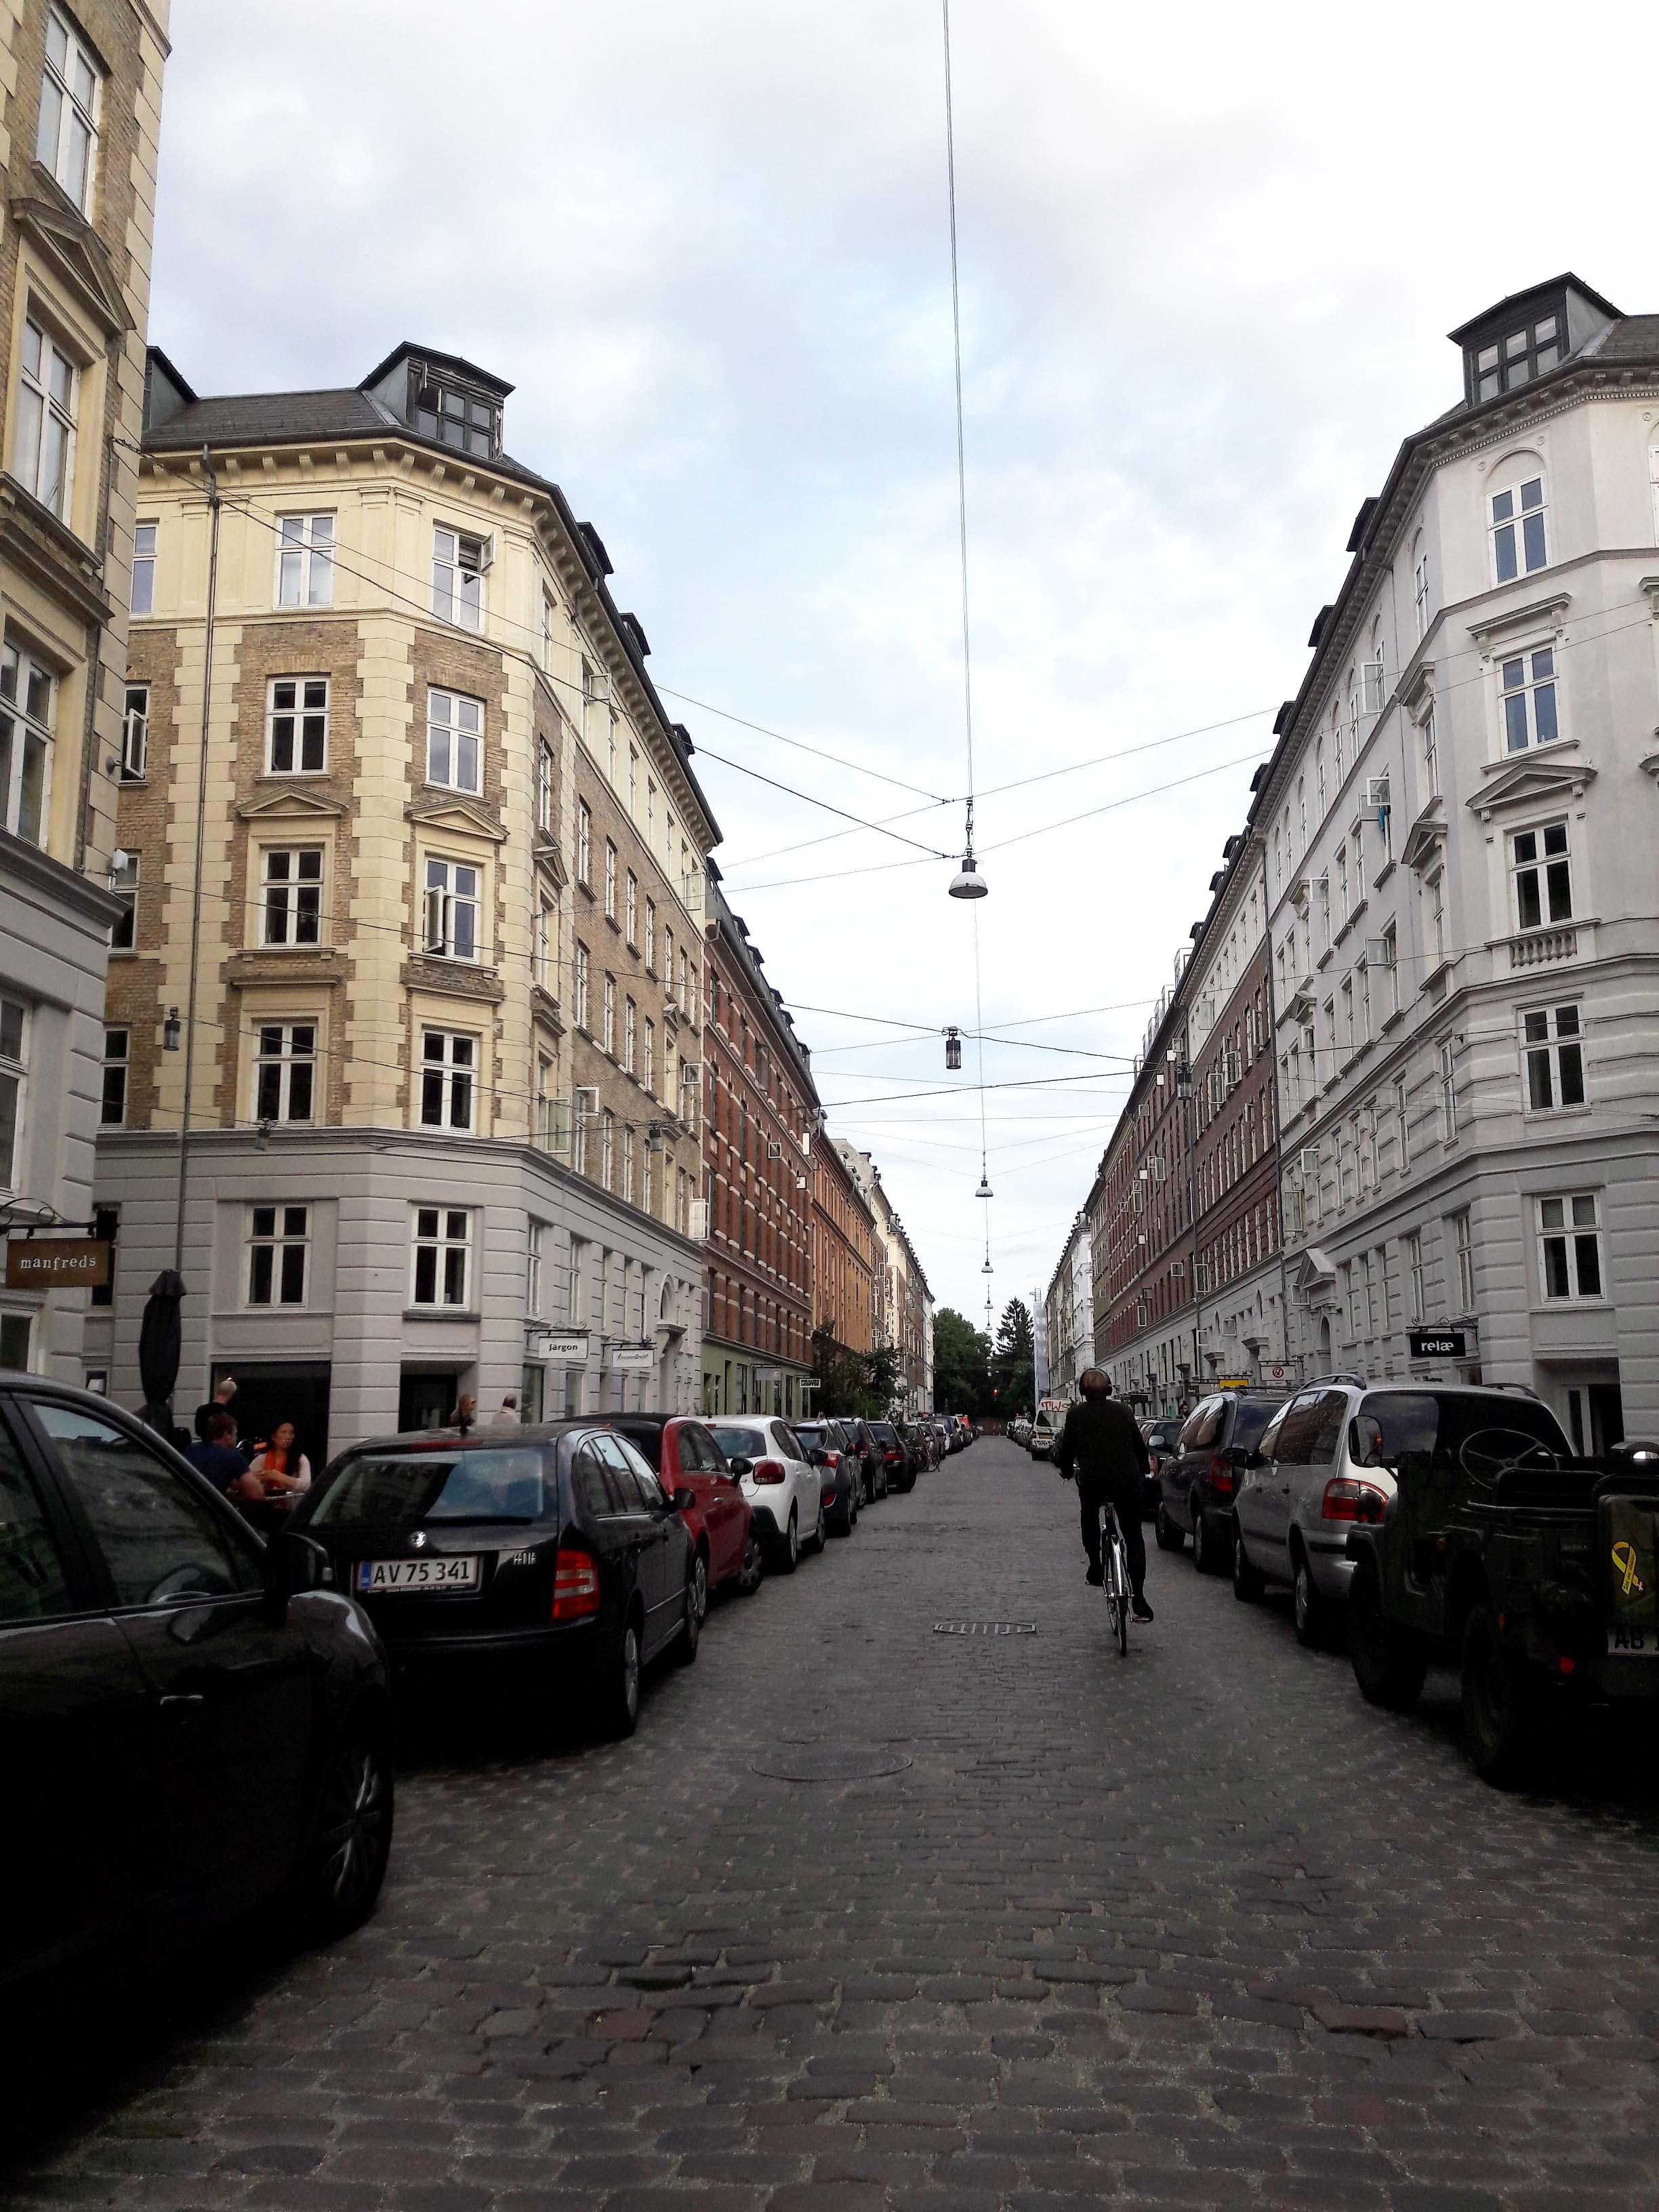 Visitare Copenhagen in bici